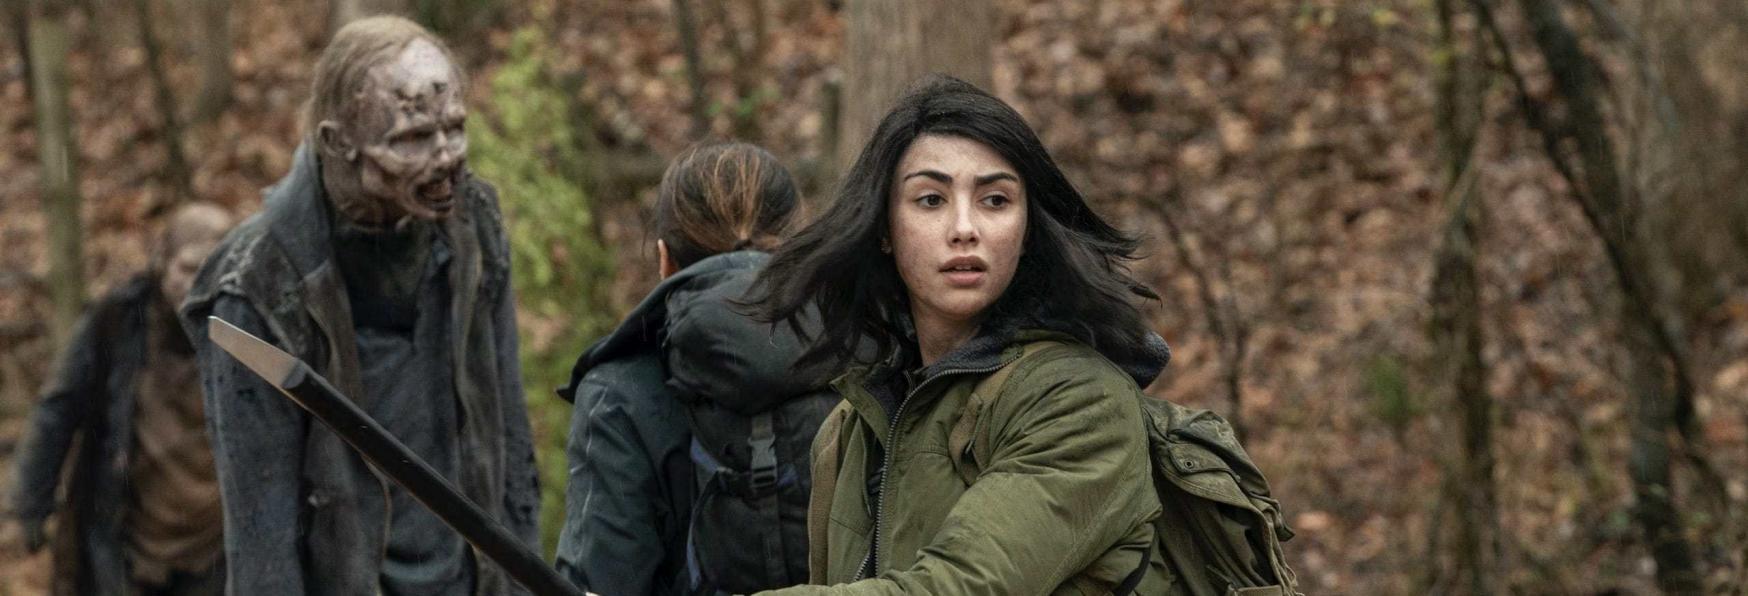 The Walking Dead: World Beyond 2 - l'ultima Stagione è attualmente in Produzione